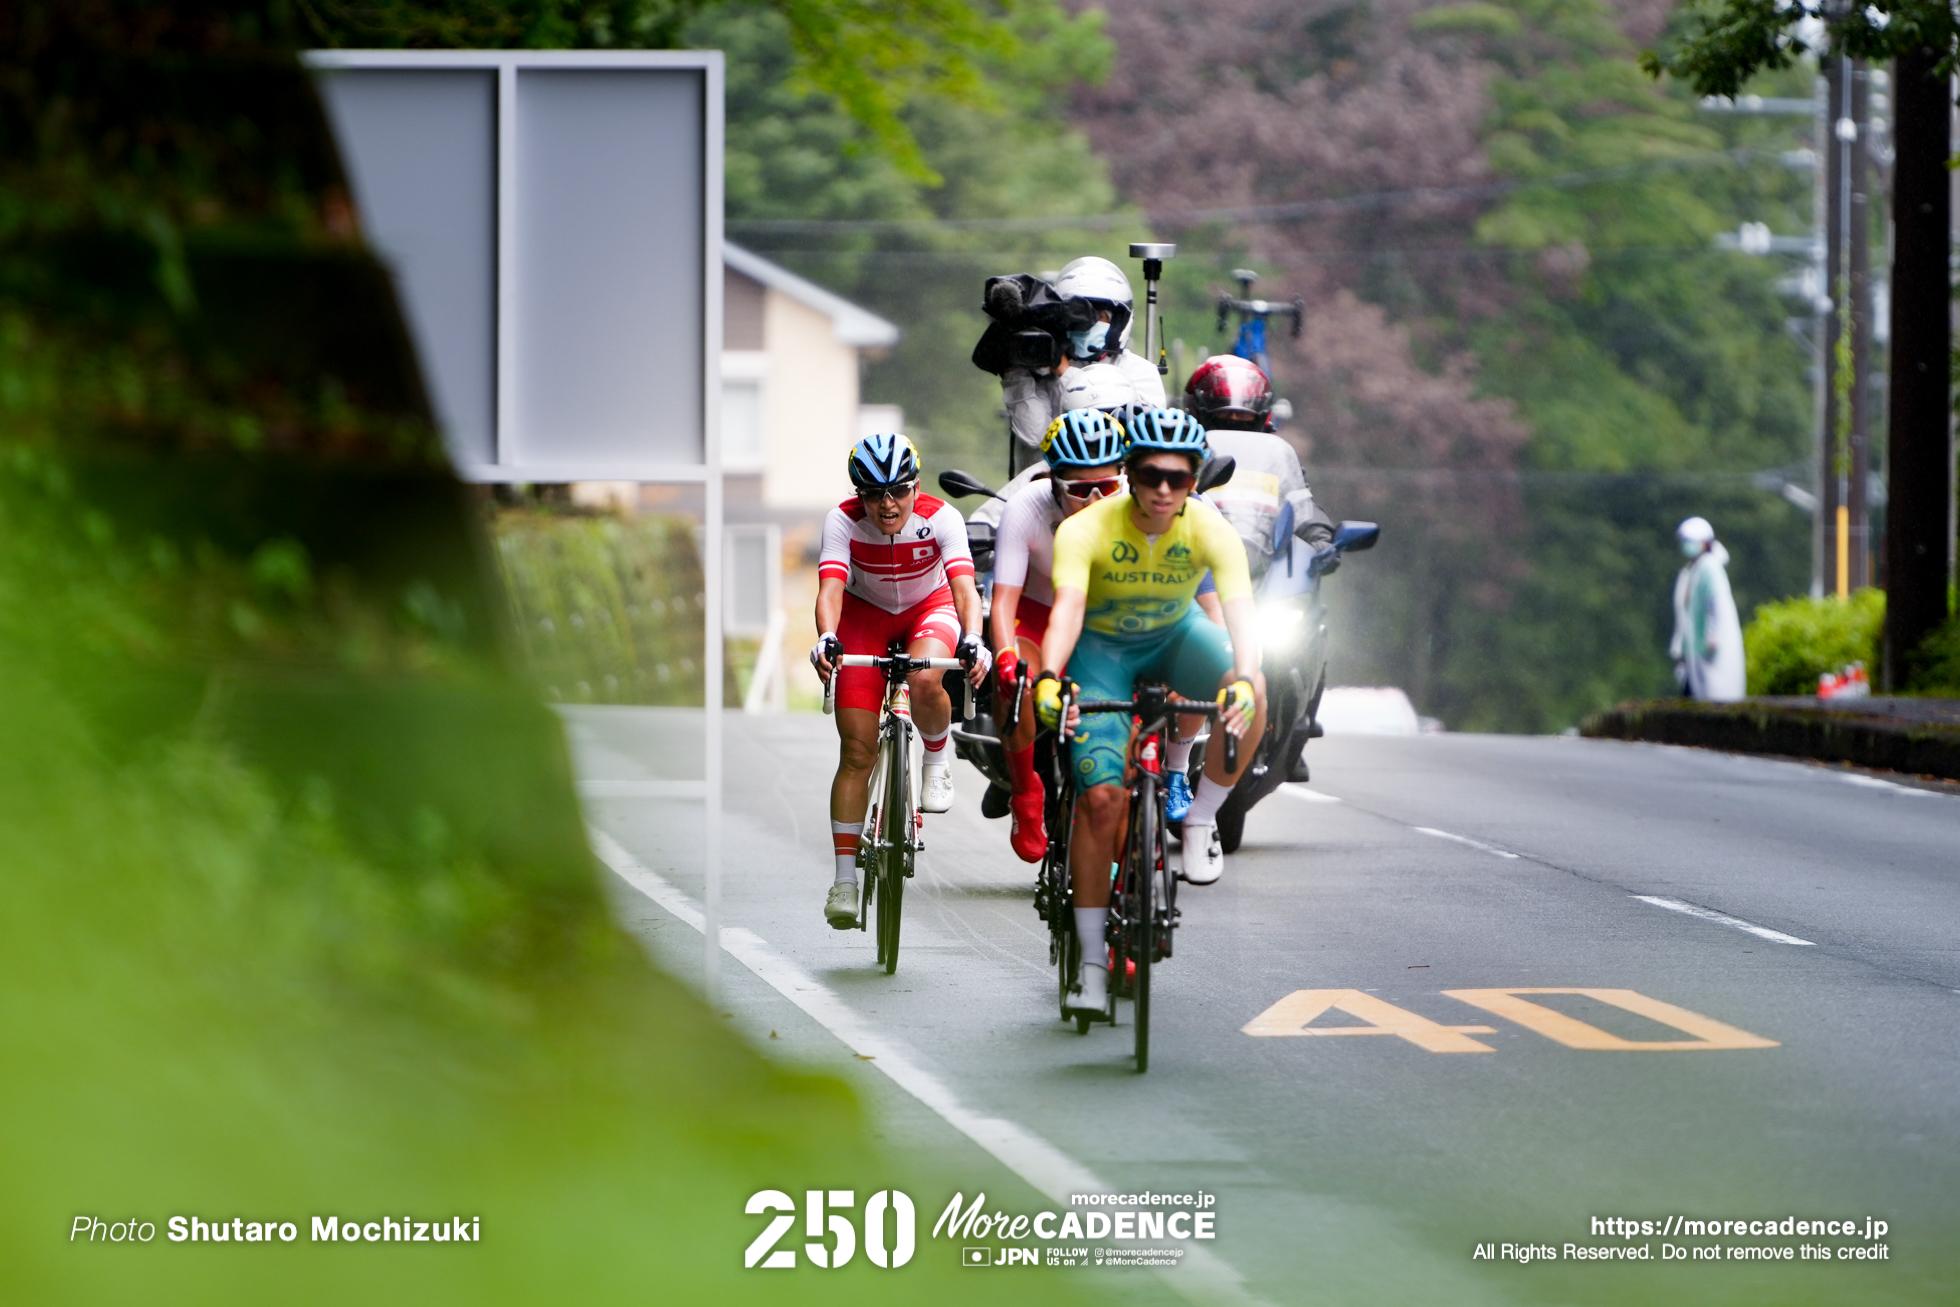 パラリンピック、BMX全日本、共同通信社杯…… 9月の出来事振り返り